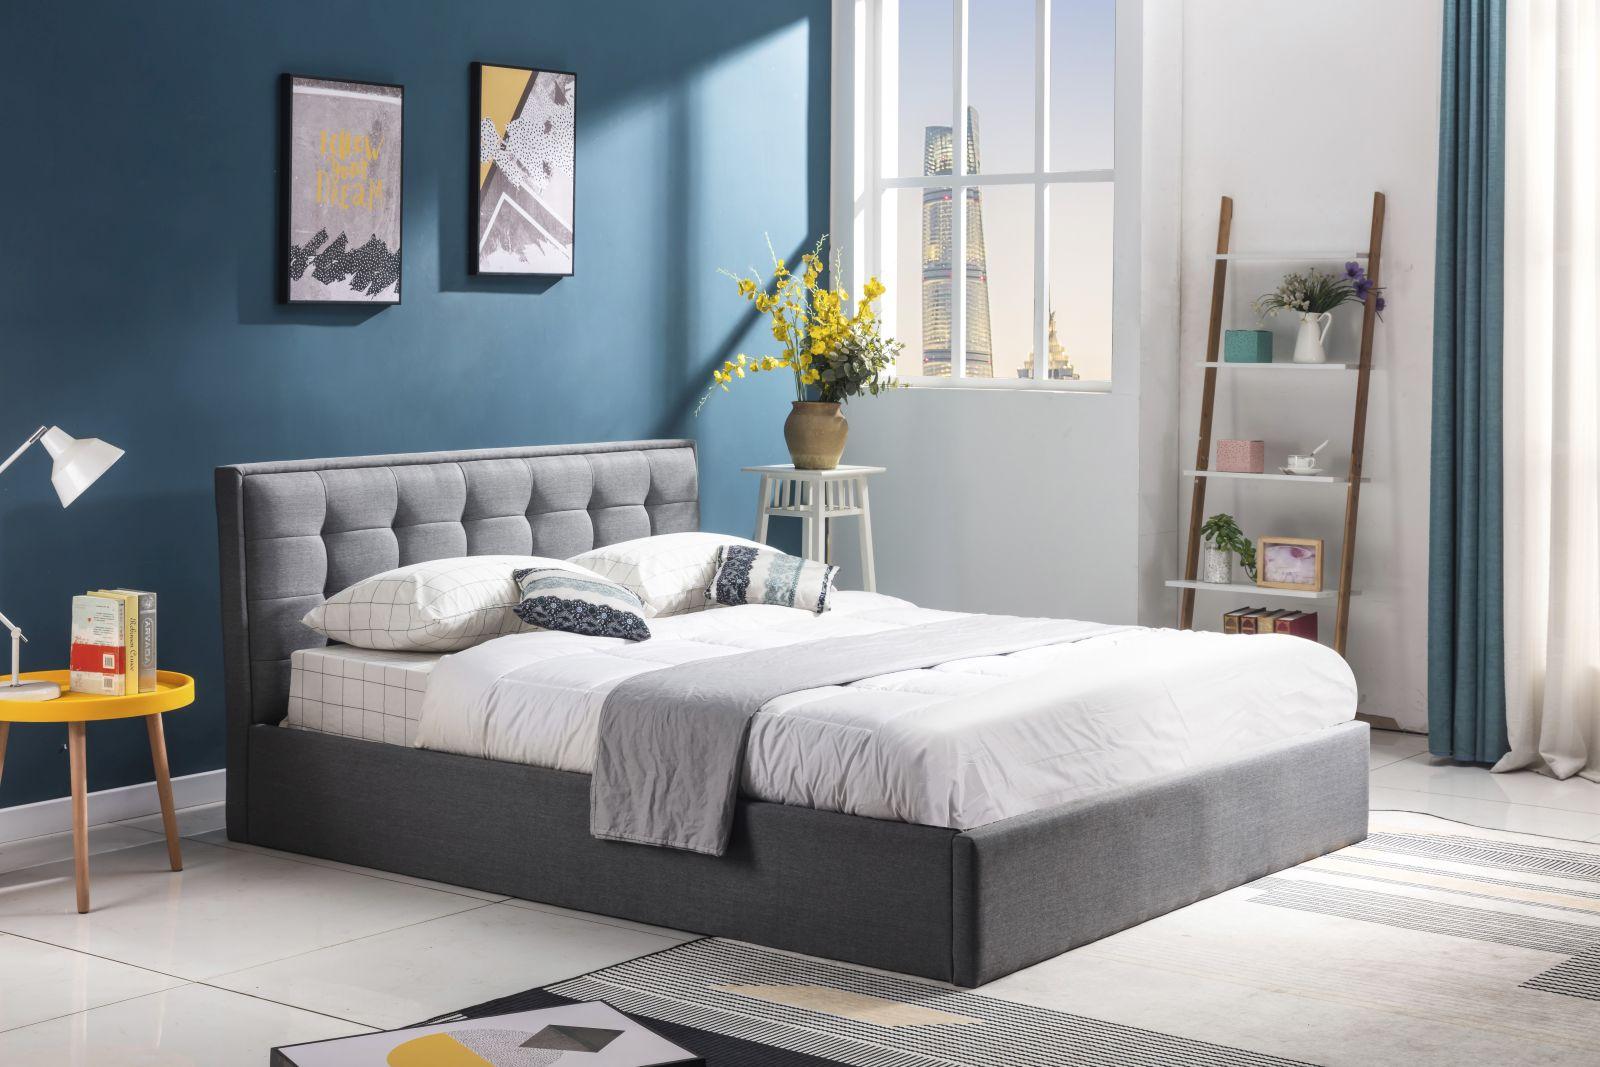 PADVA 90cm łóżko z pojemnikiem popielaty